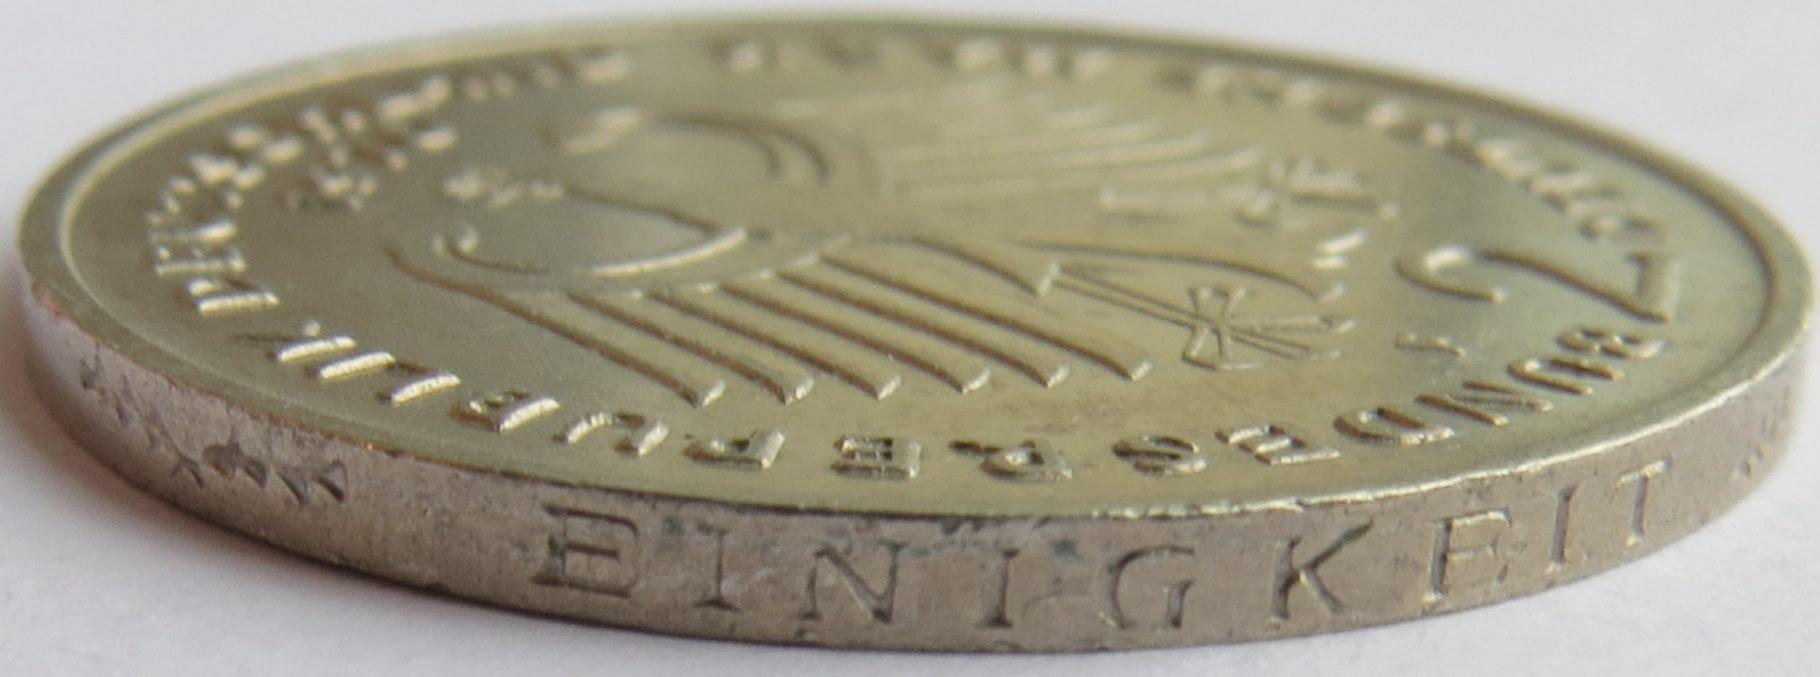 2 Deutsche Mark Konrad Adenauer Allemagne République Fédérale